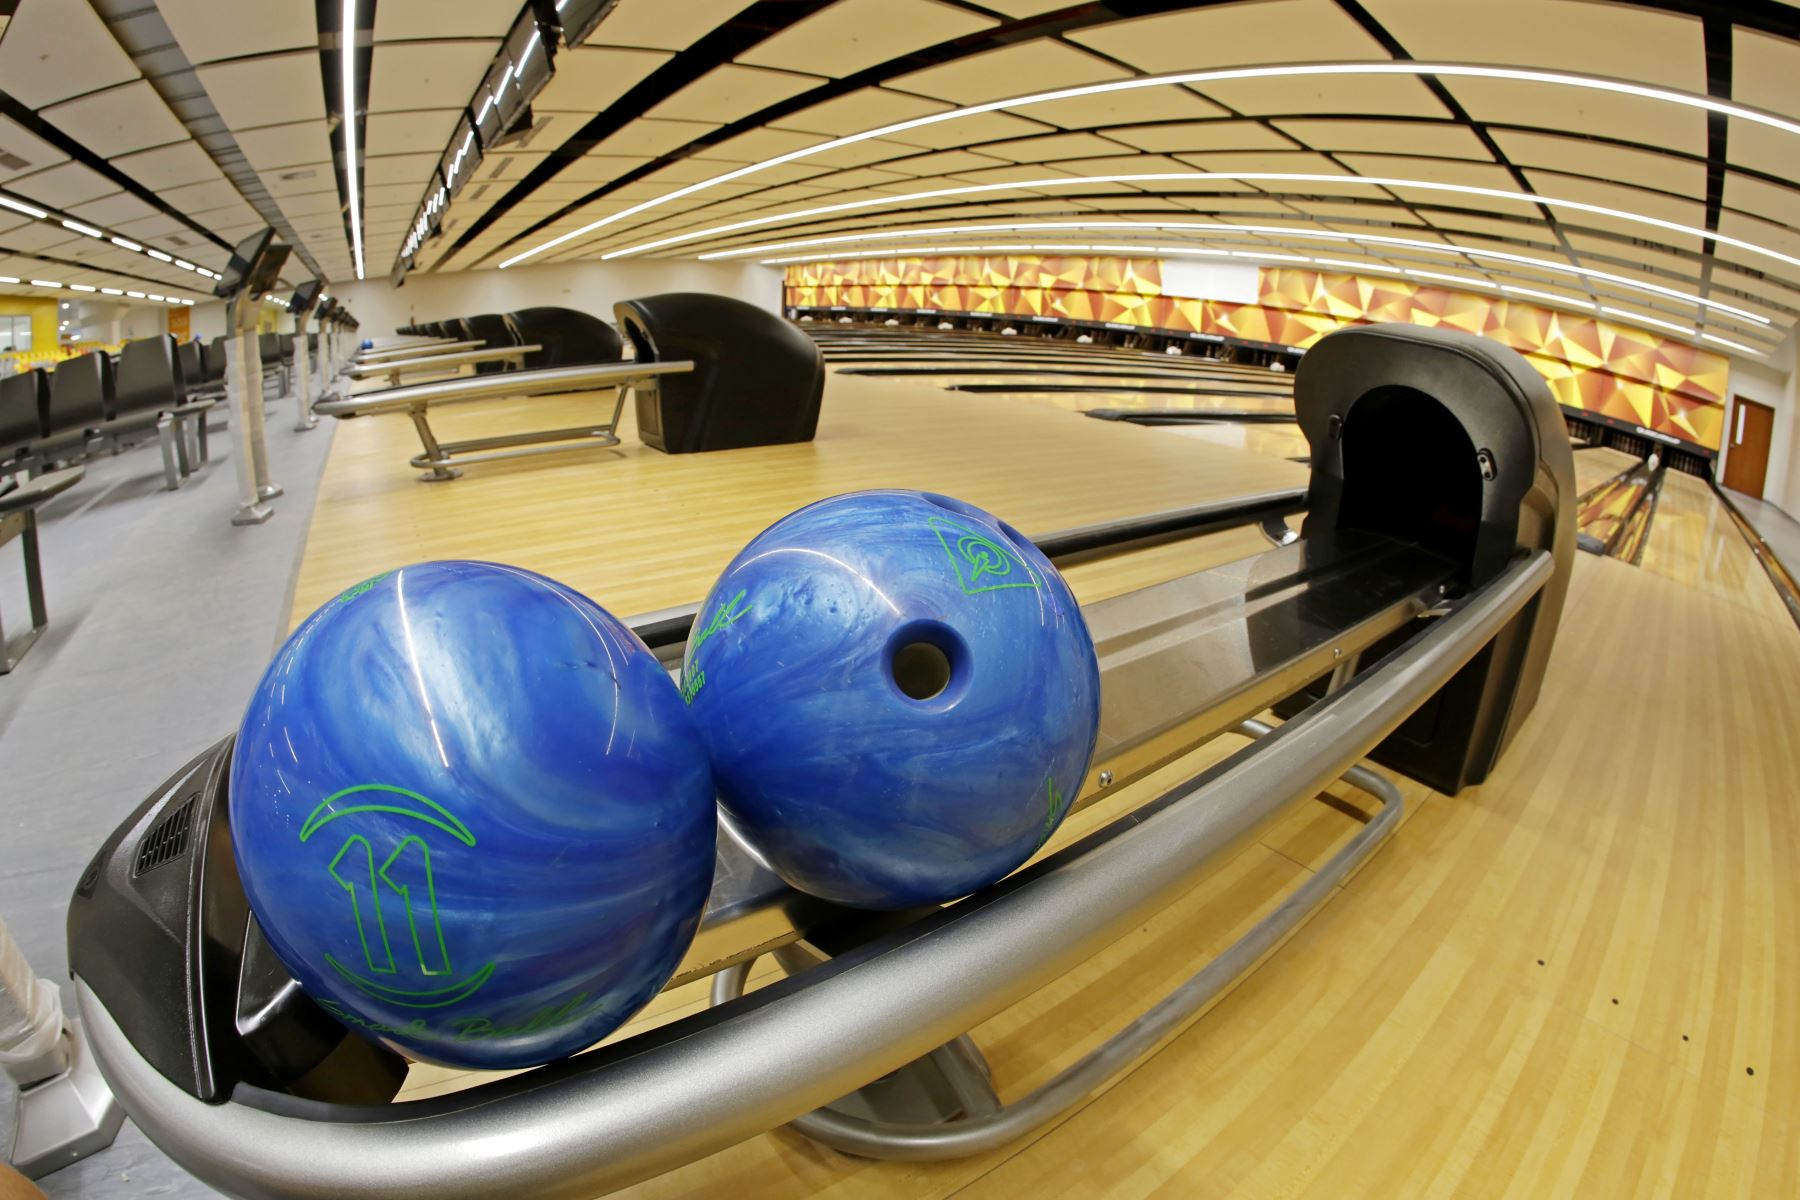 Lima 2019 entregará el Bowling Center de la Videna a la Federación Deportiva Peruana de Bowling. Foto: AFP